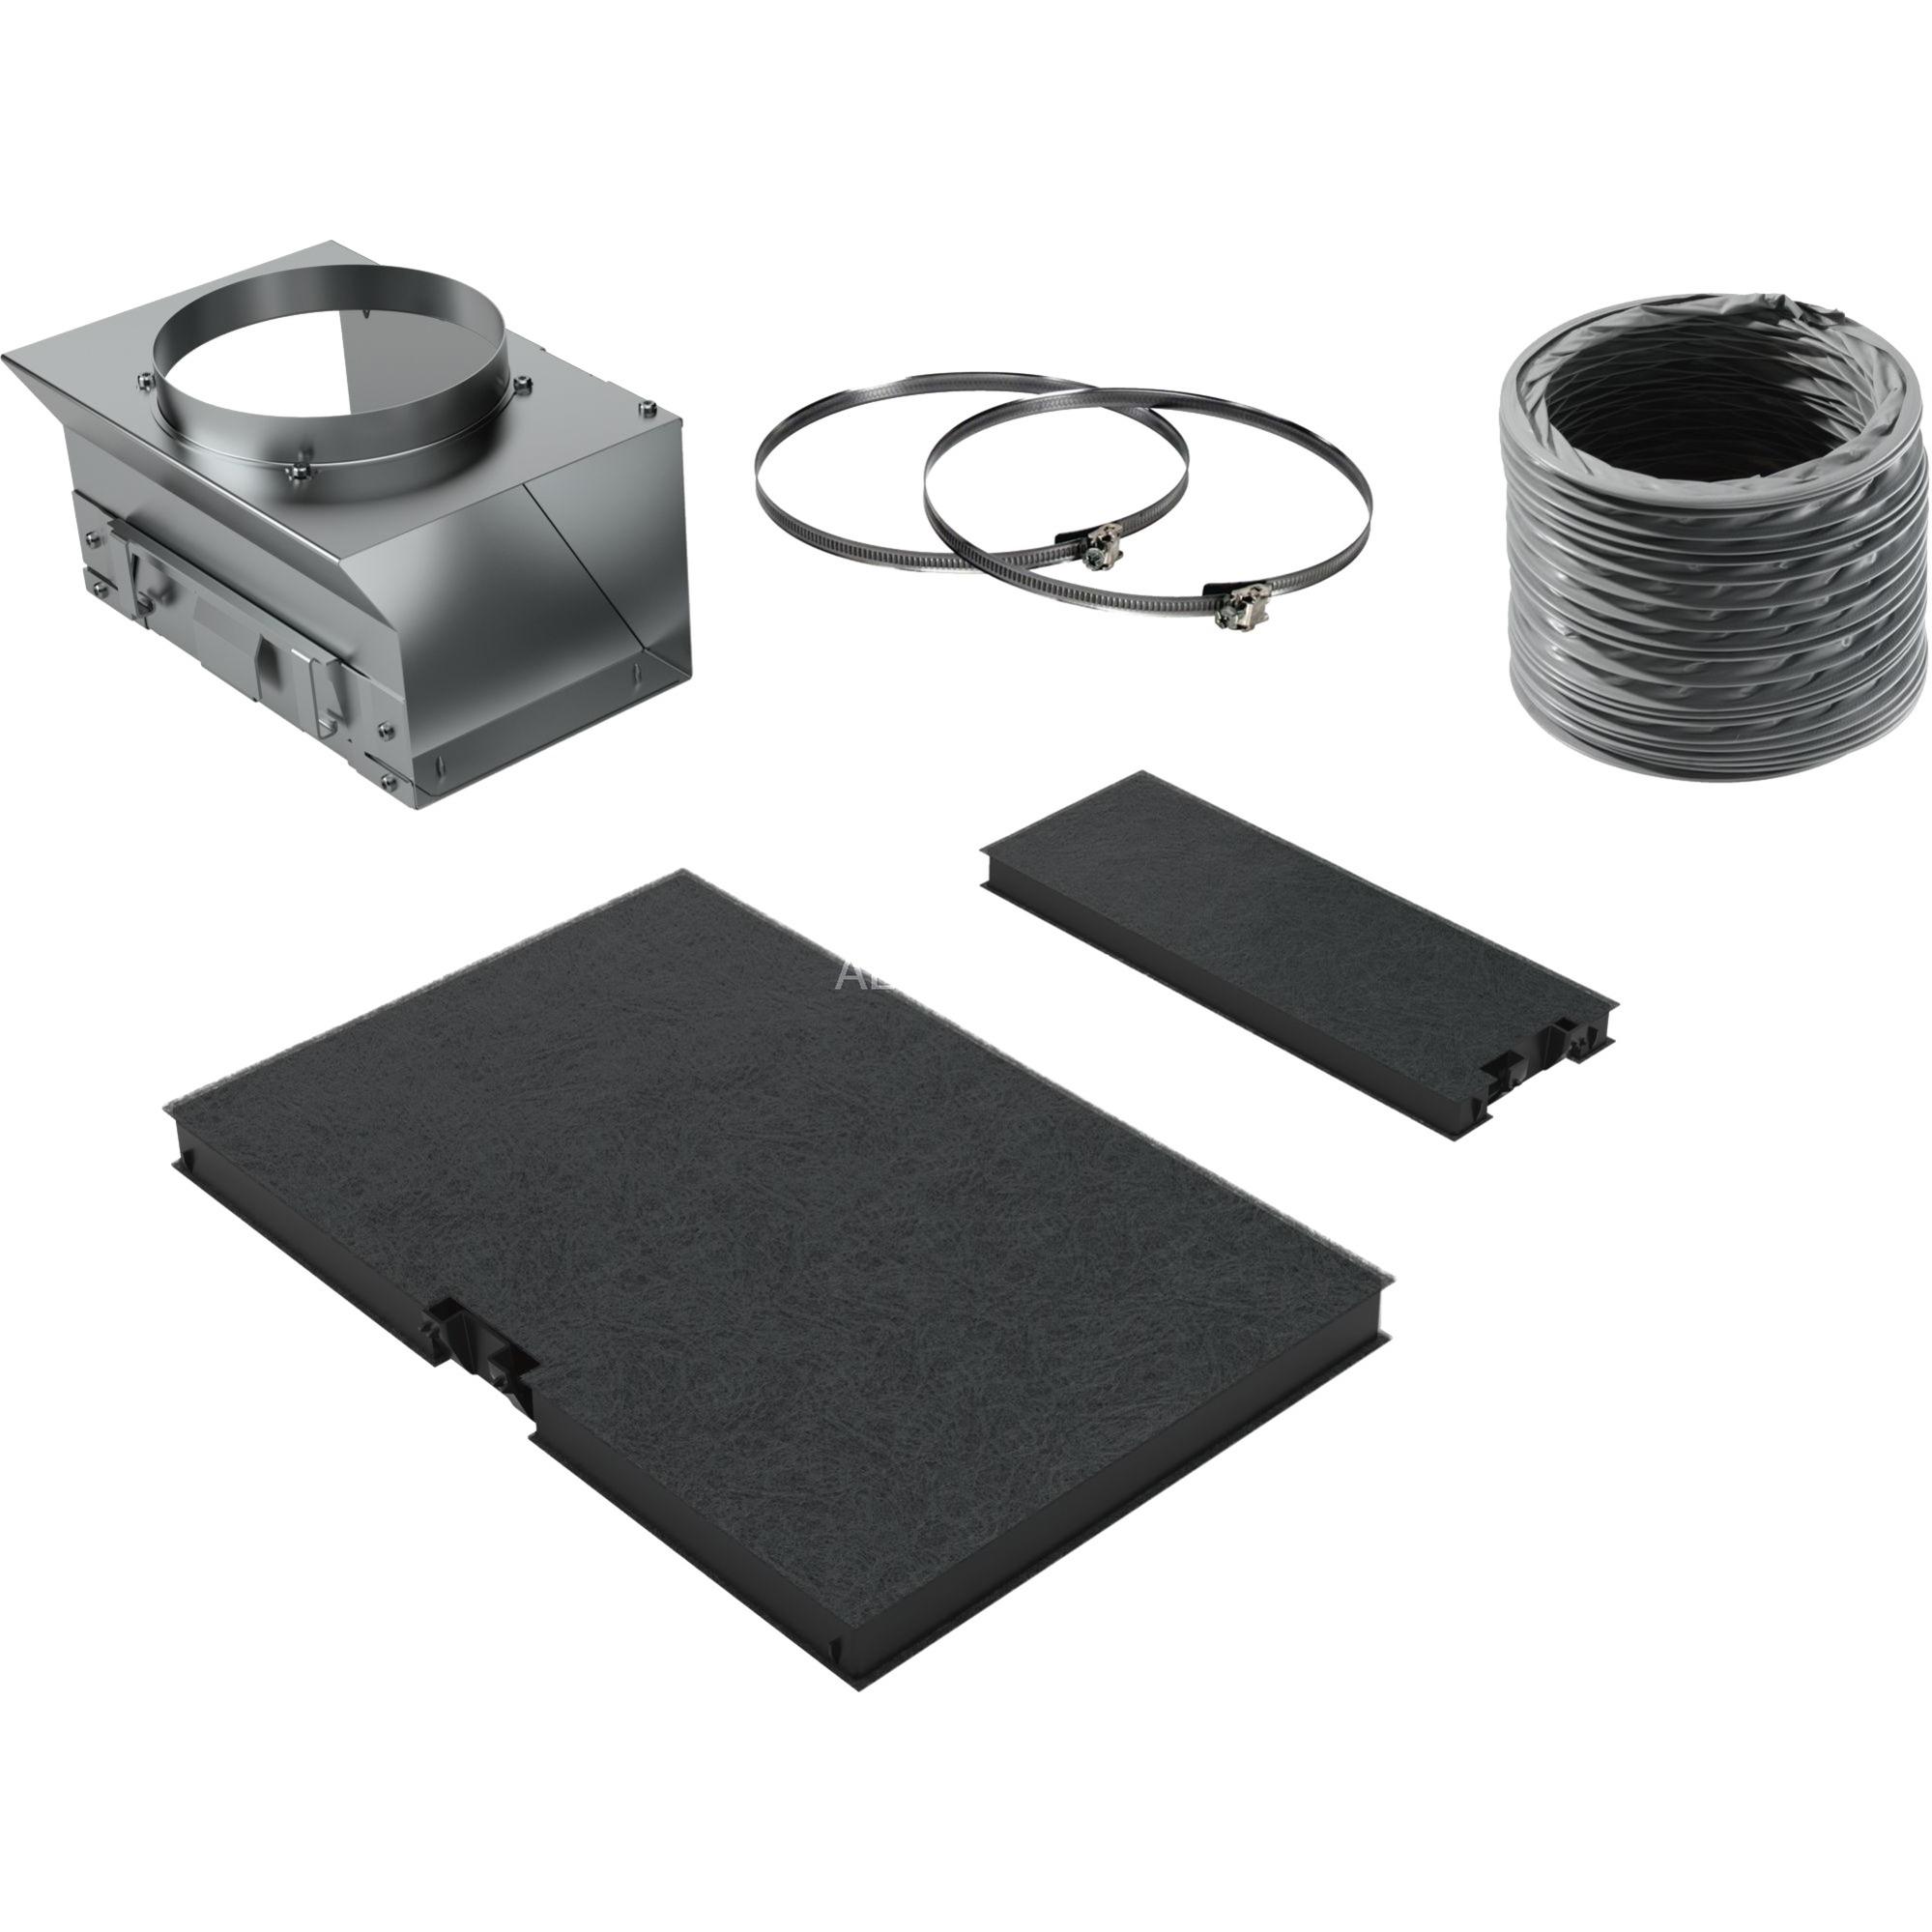 LZ10AKU00 accesorio para campana de estufa Kit de reciclaje, Set de modificación